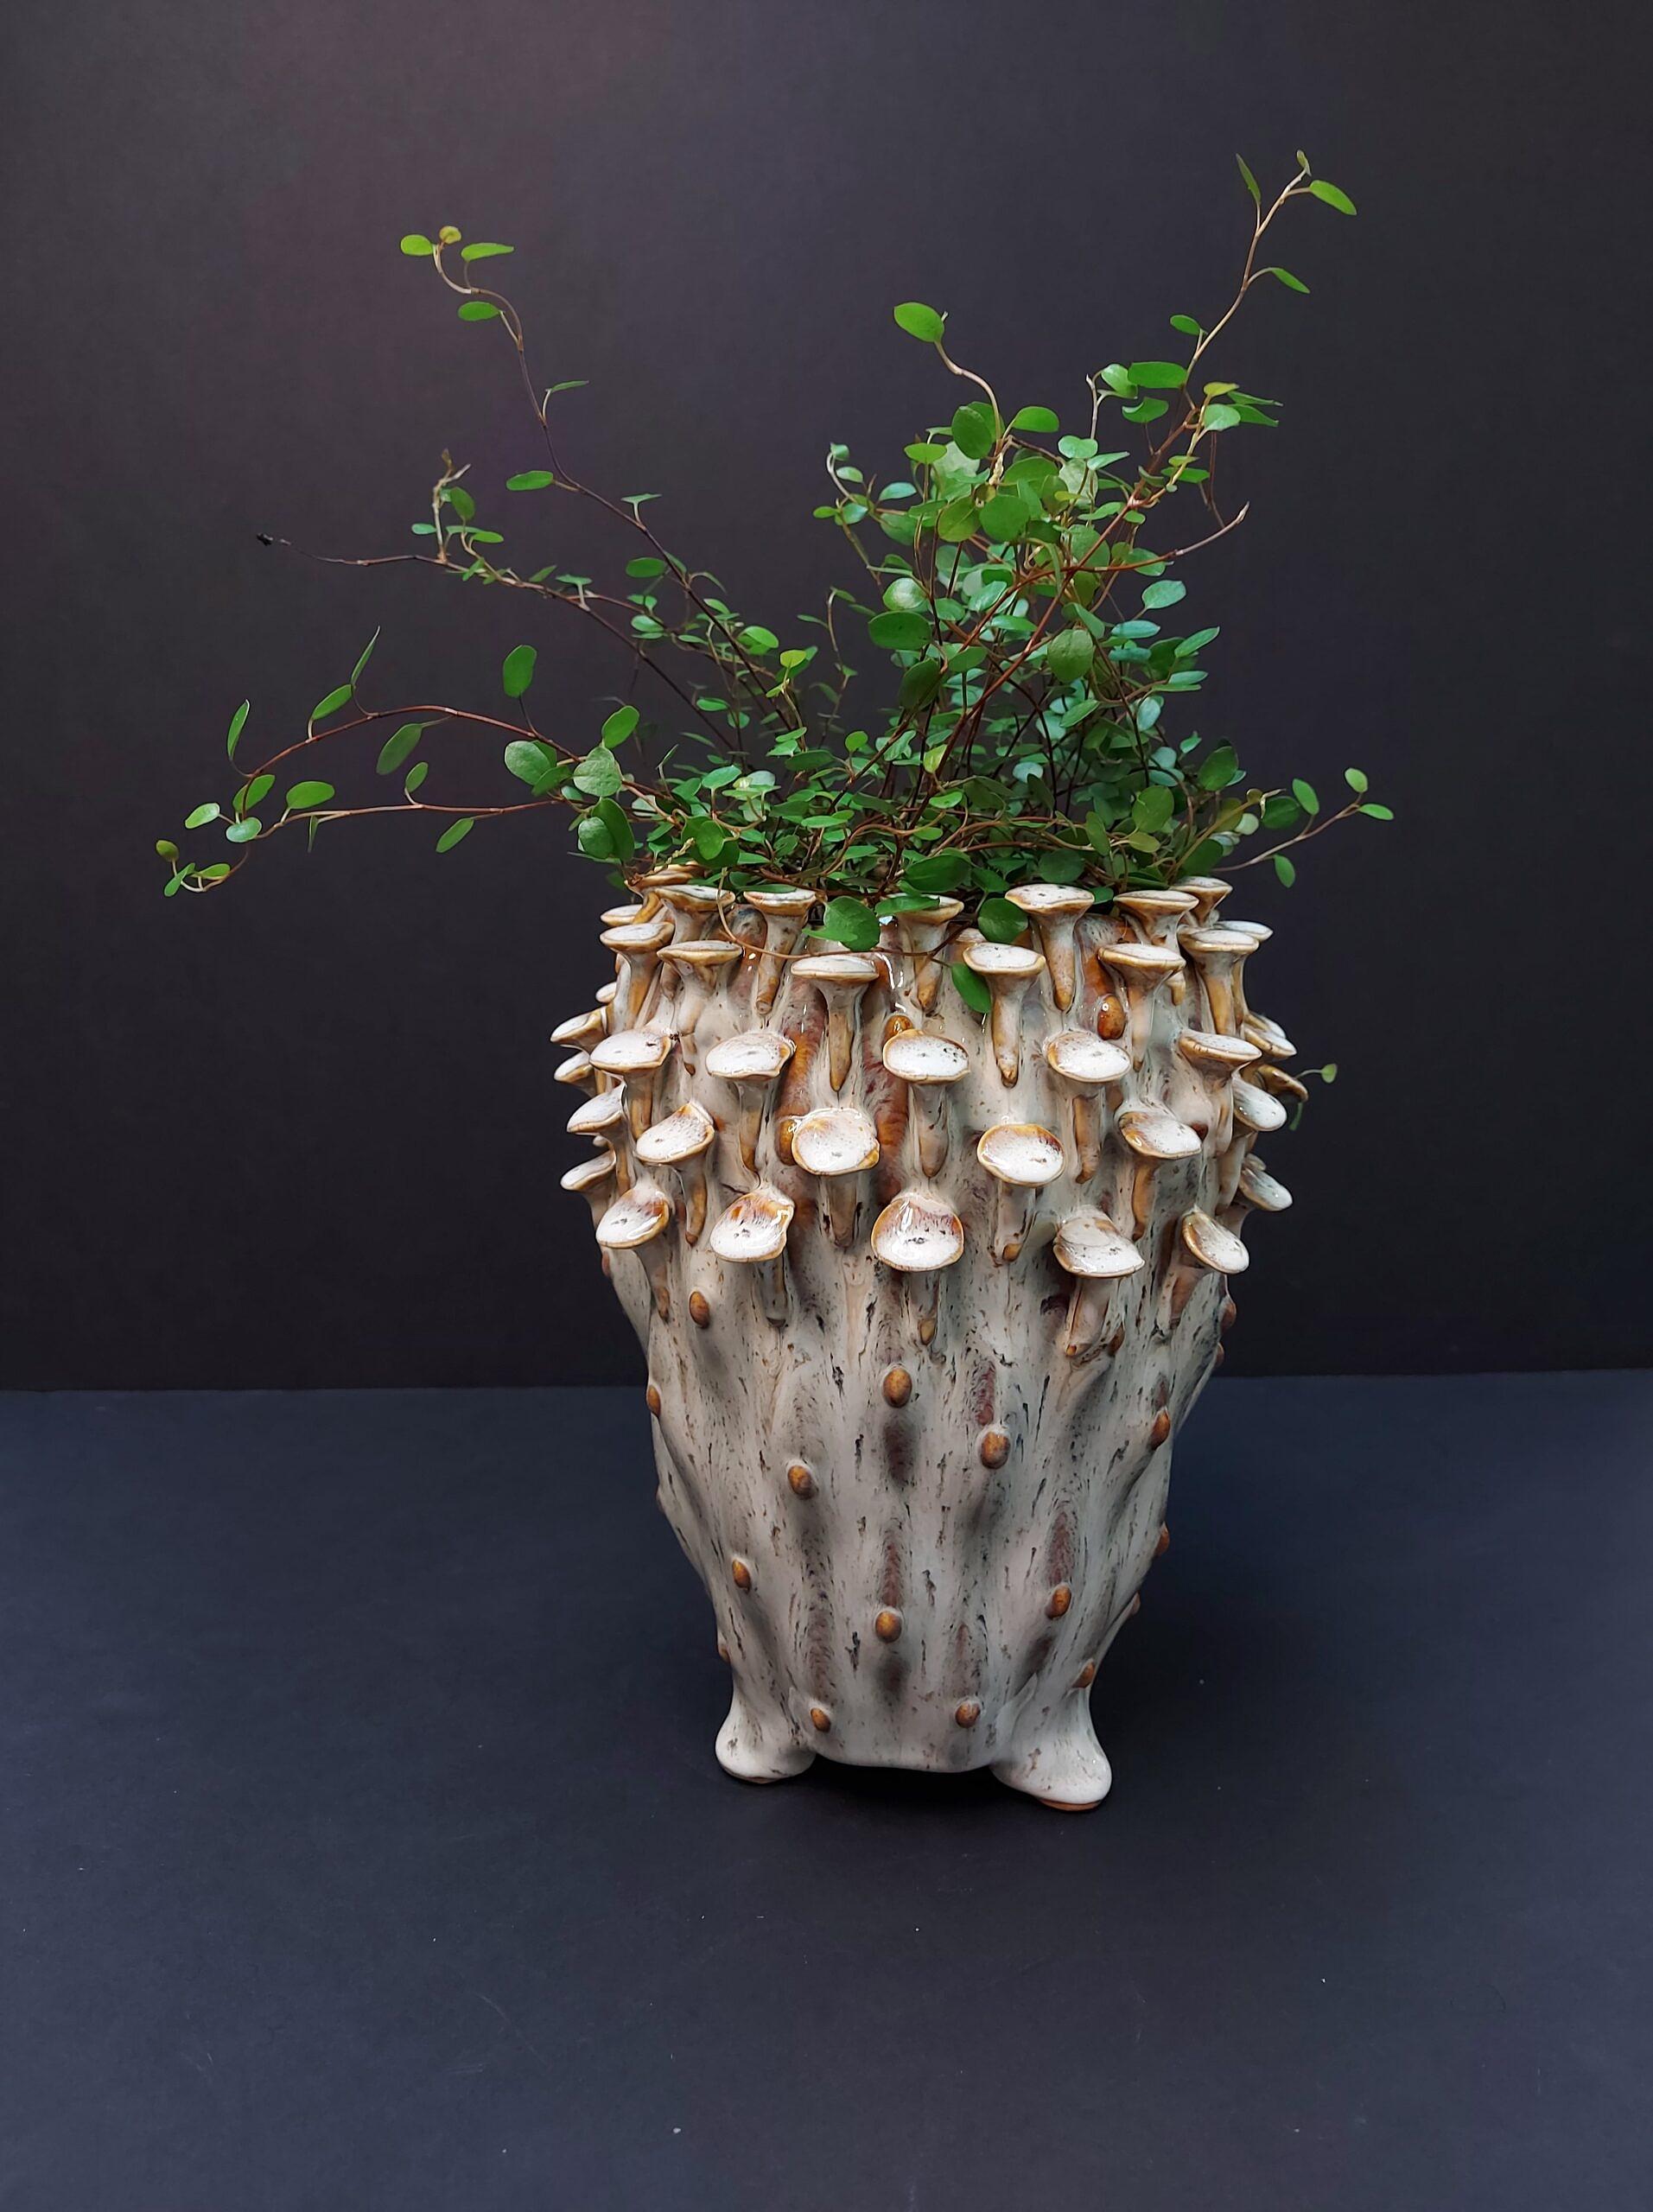 paprastoji draikūnė, miulenbekija, kambariniai augalai, kambarinės gėlės, kambariniai augalai Vilniuje, augalai internetu